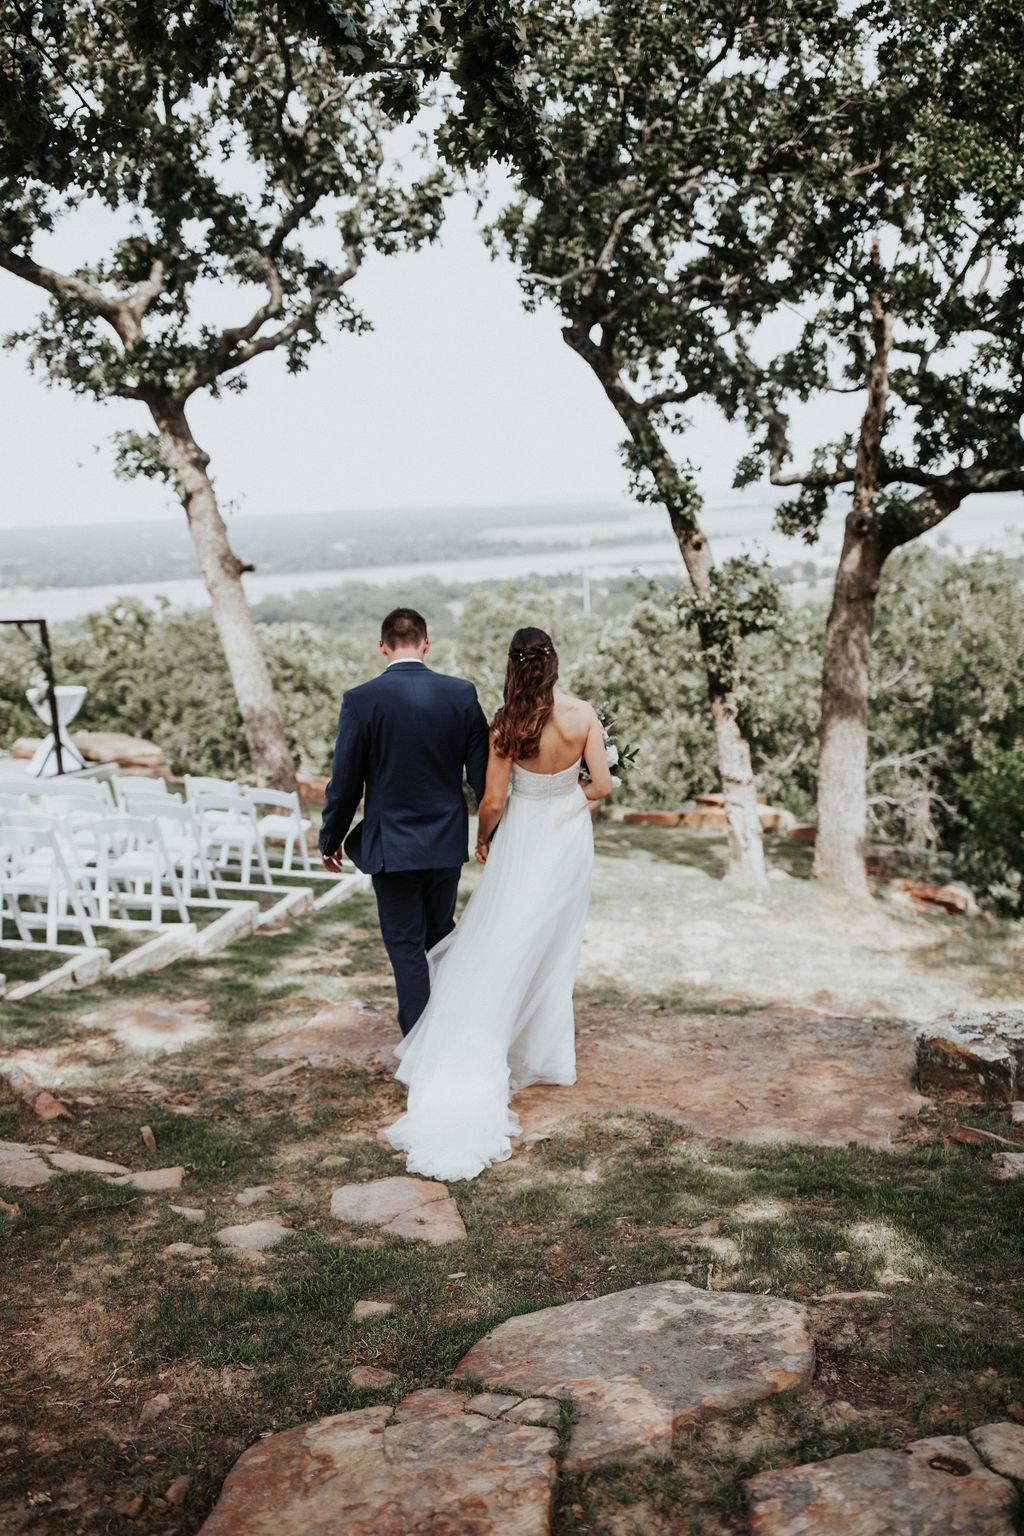 Tulsa Outdoor Wedding Venues 23.jpg